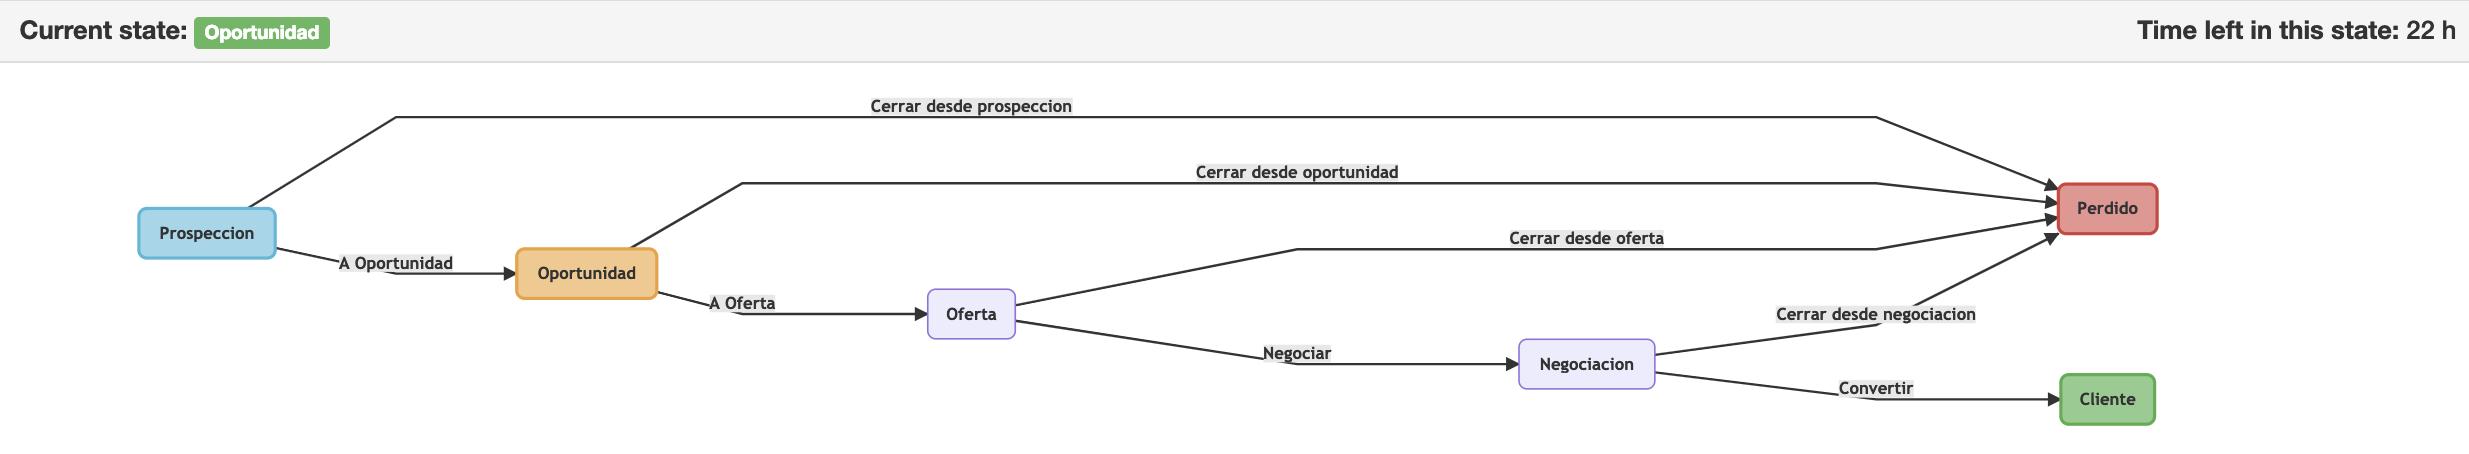 5c90ccbcaa6cd_implementando-procesos-en-athento.png